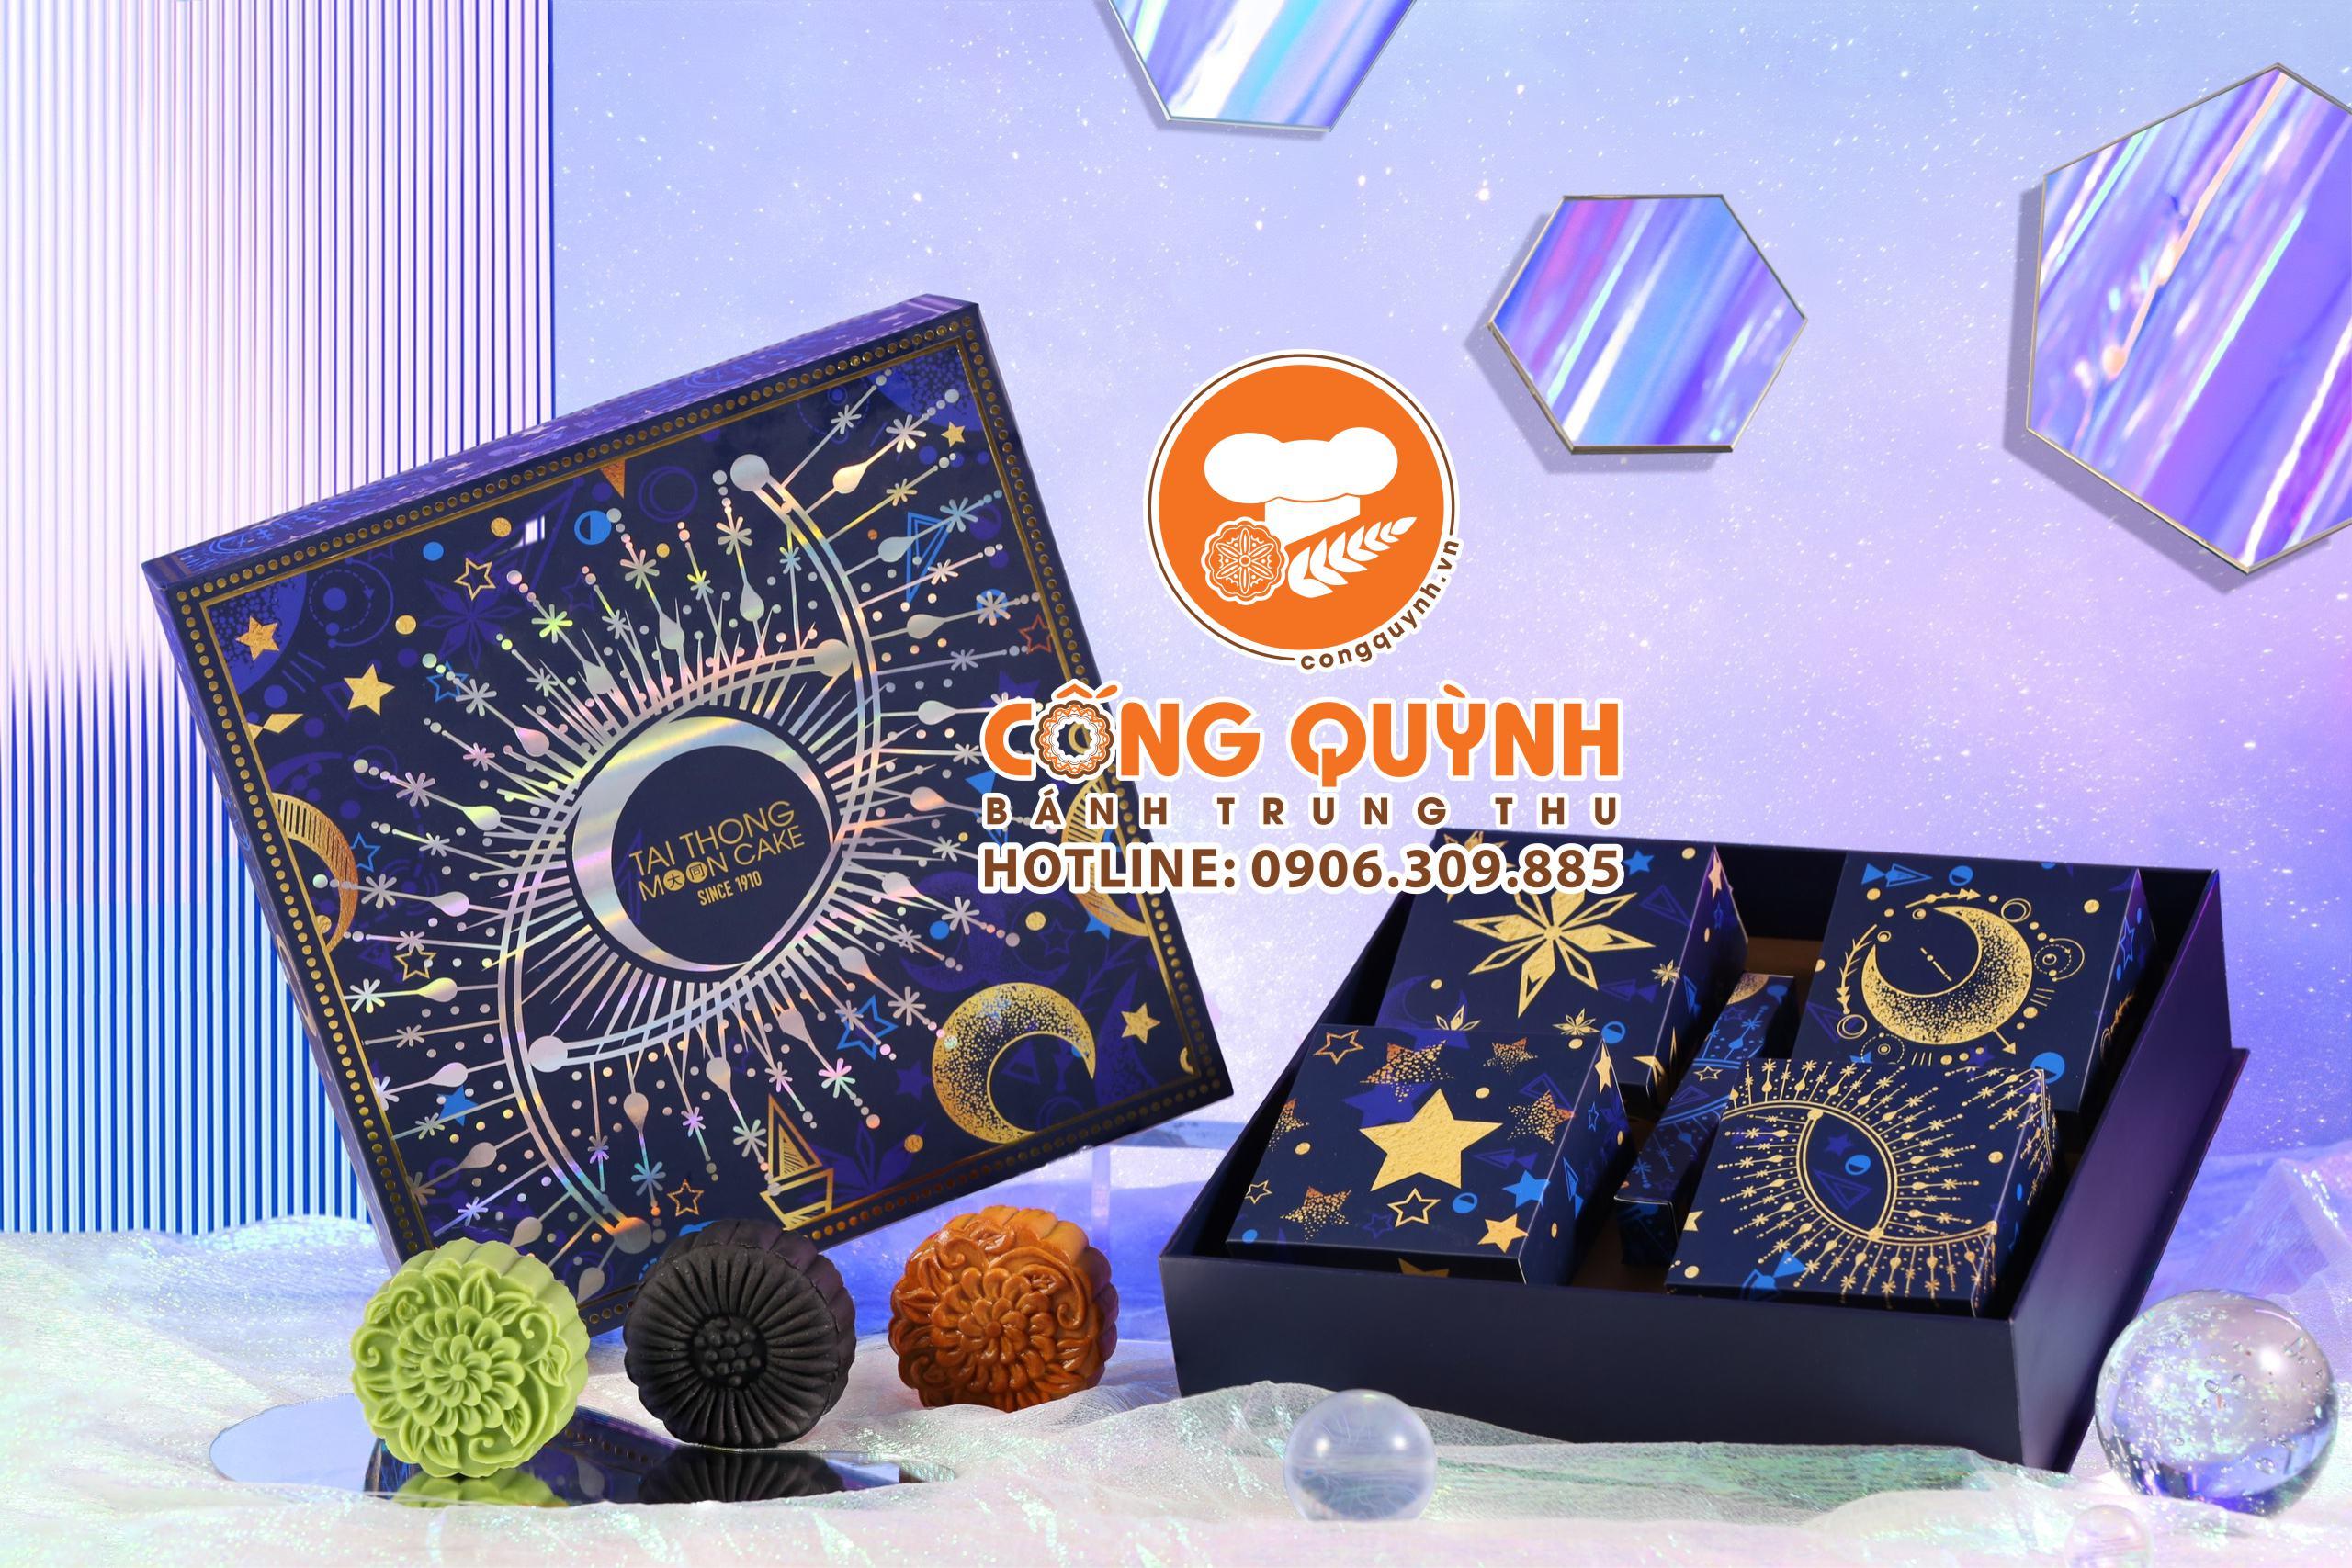 BANH-TRUNG-THU-TAI-THONG-2021